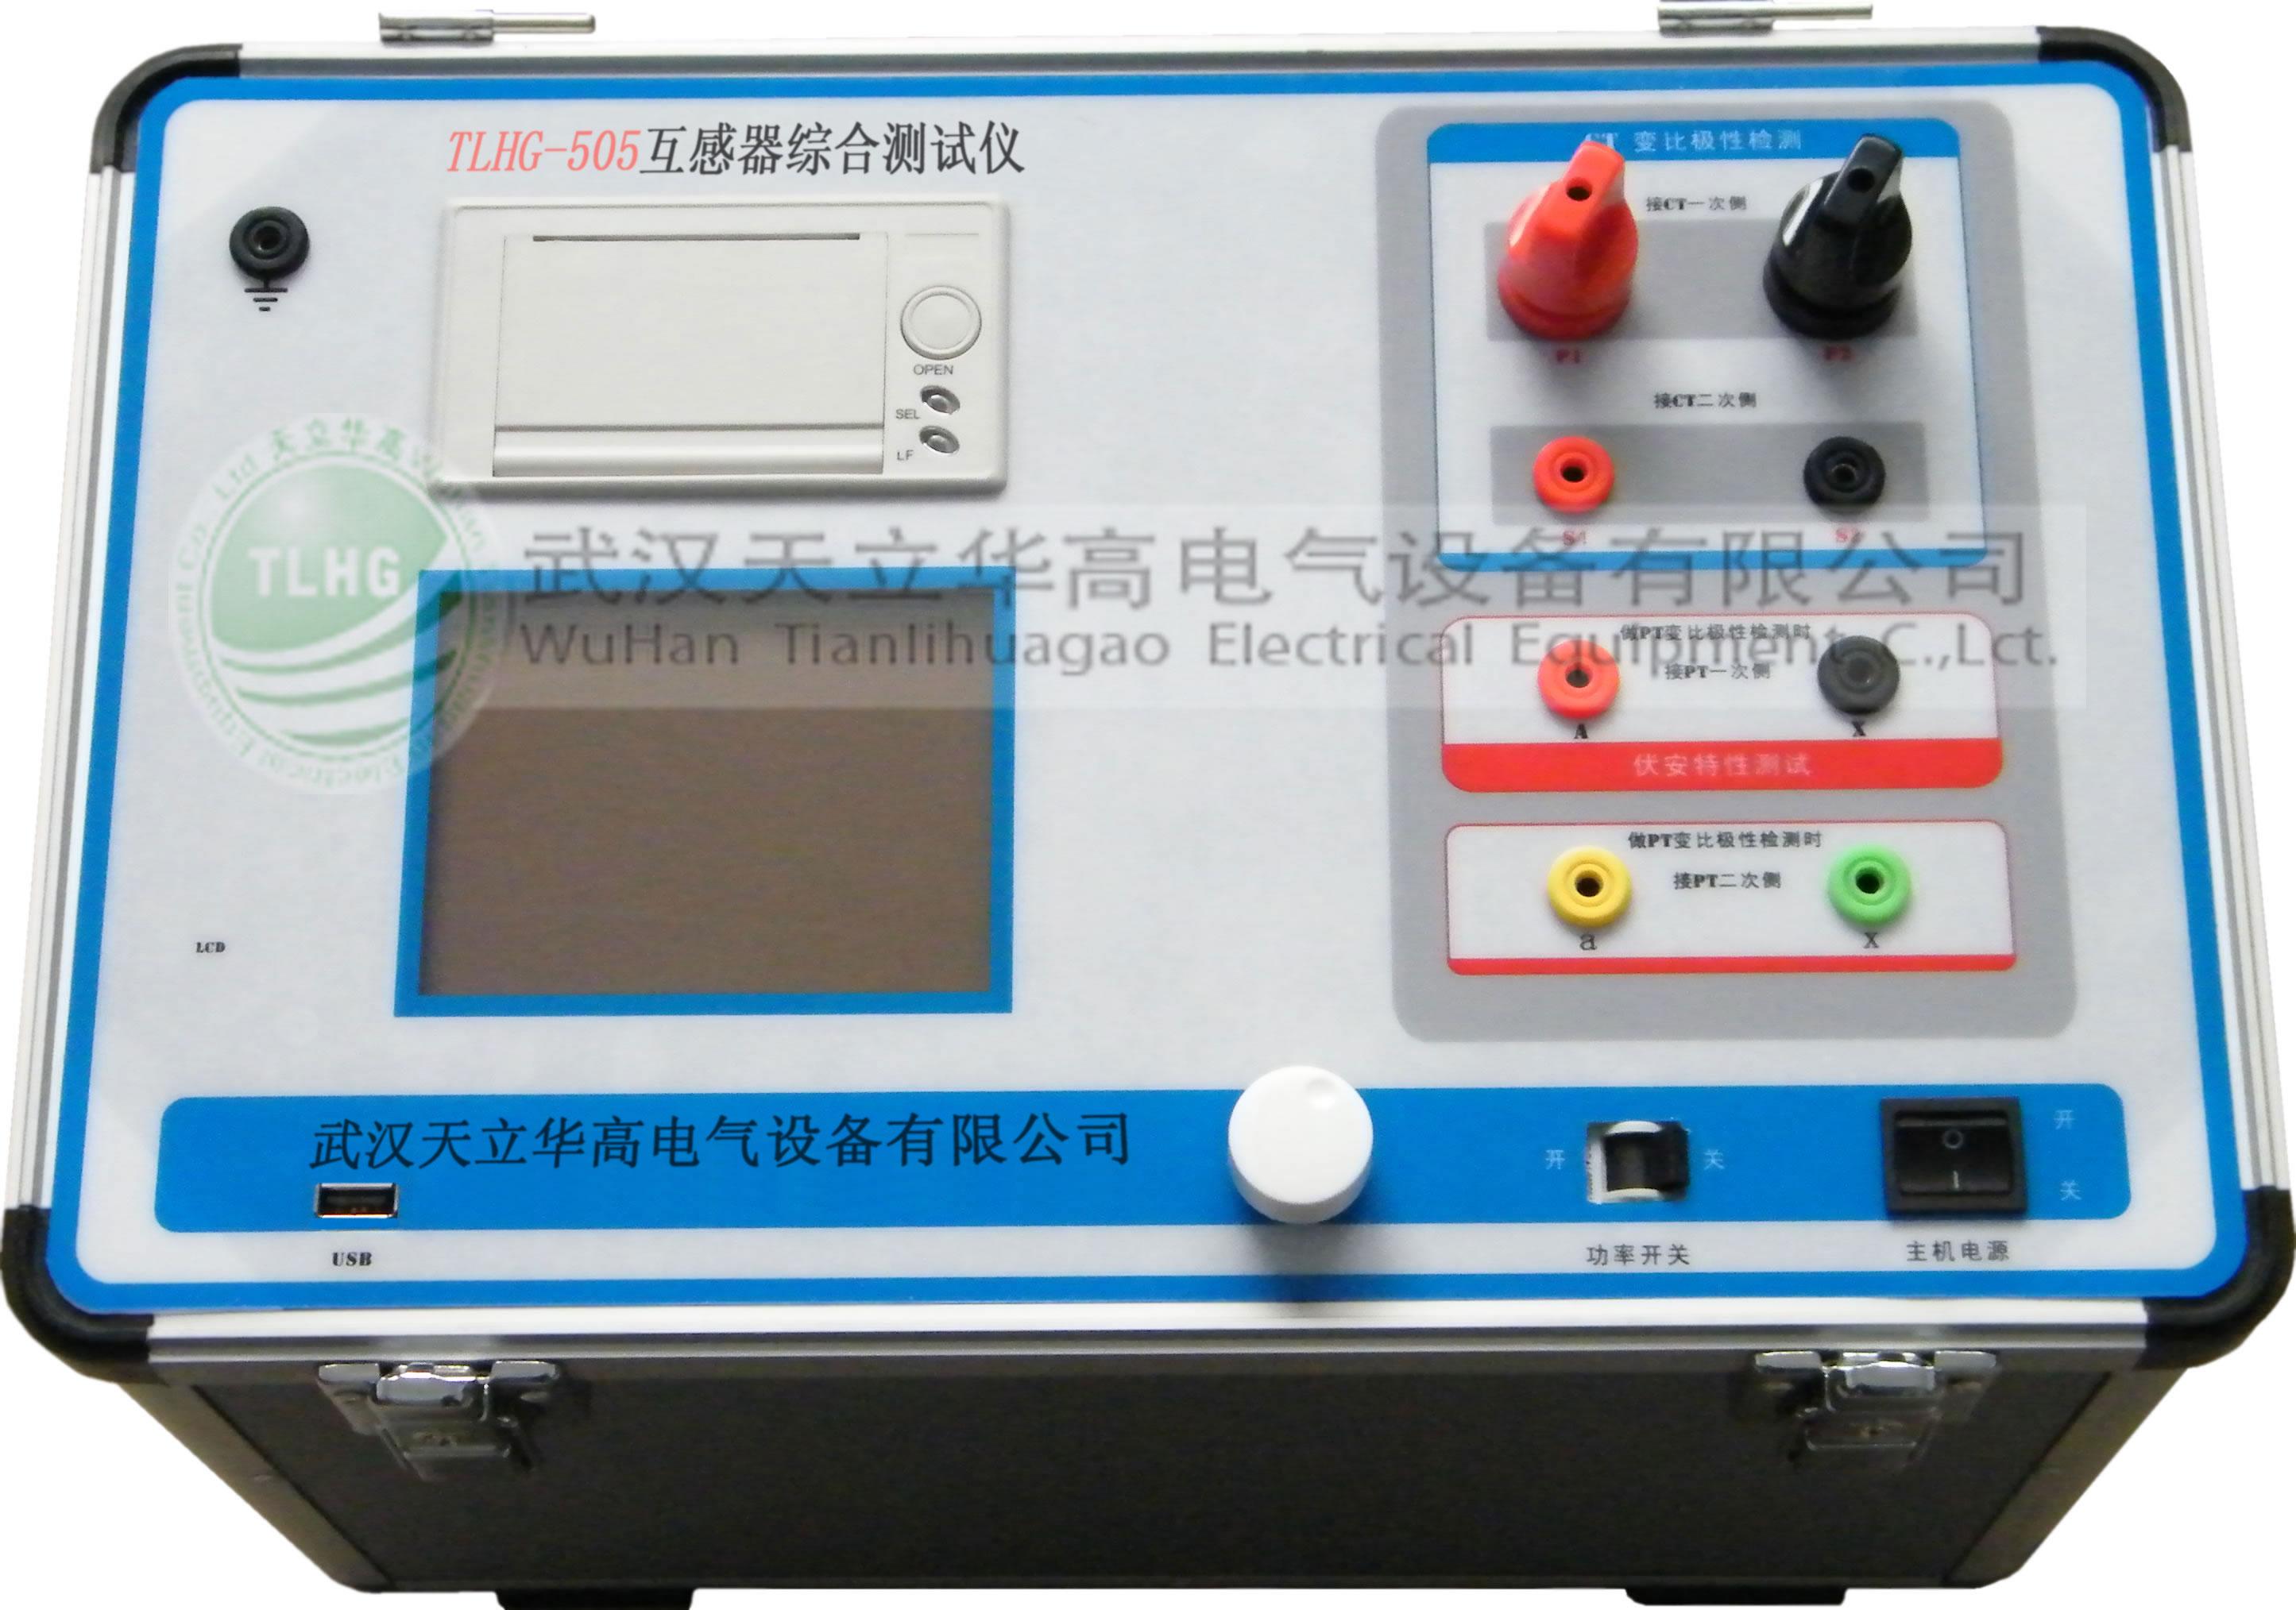 TLHG-505互感器综合测试仪